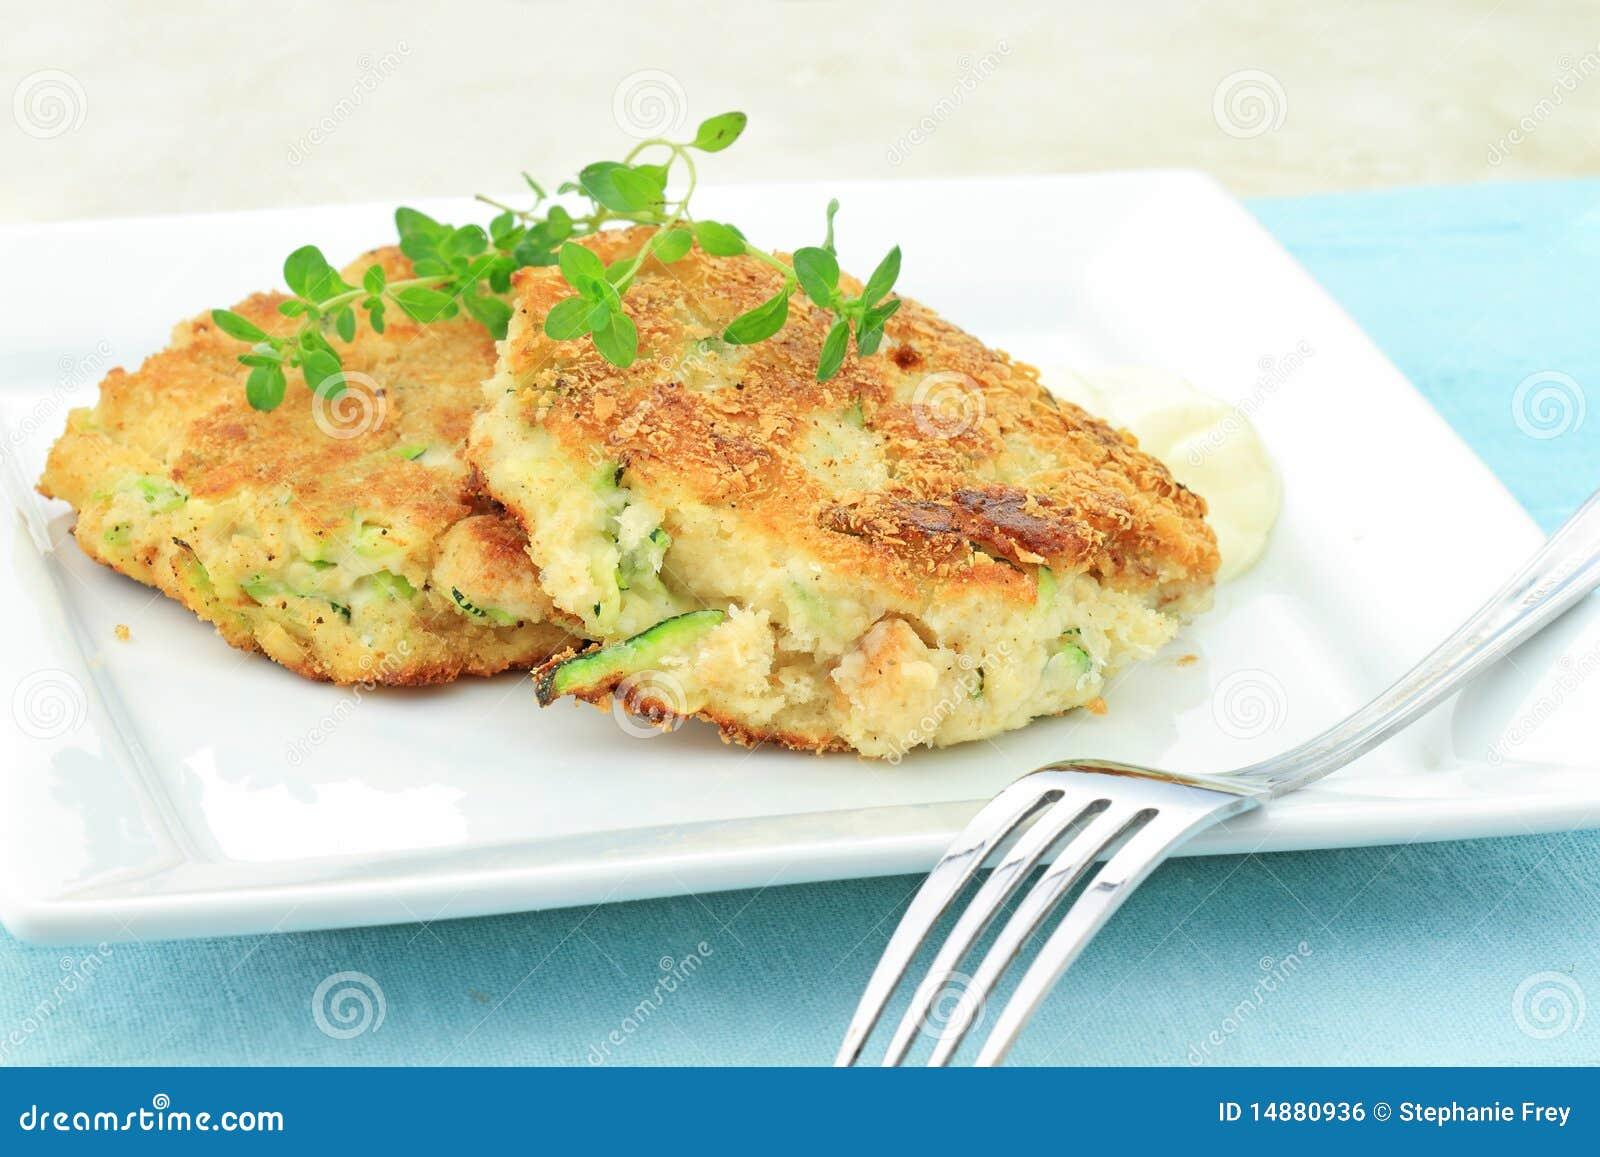 Crab Cakes And Horseradish Sauce